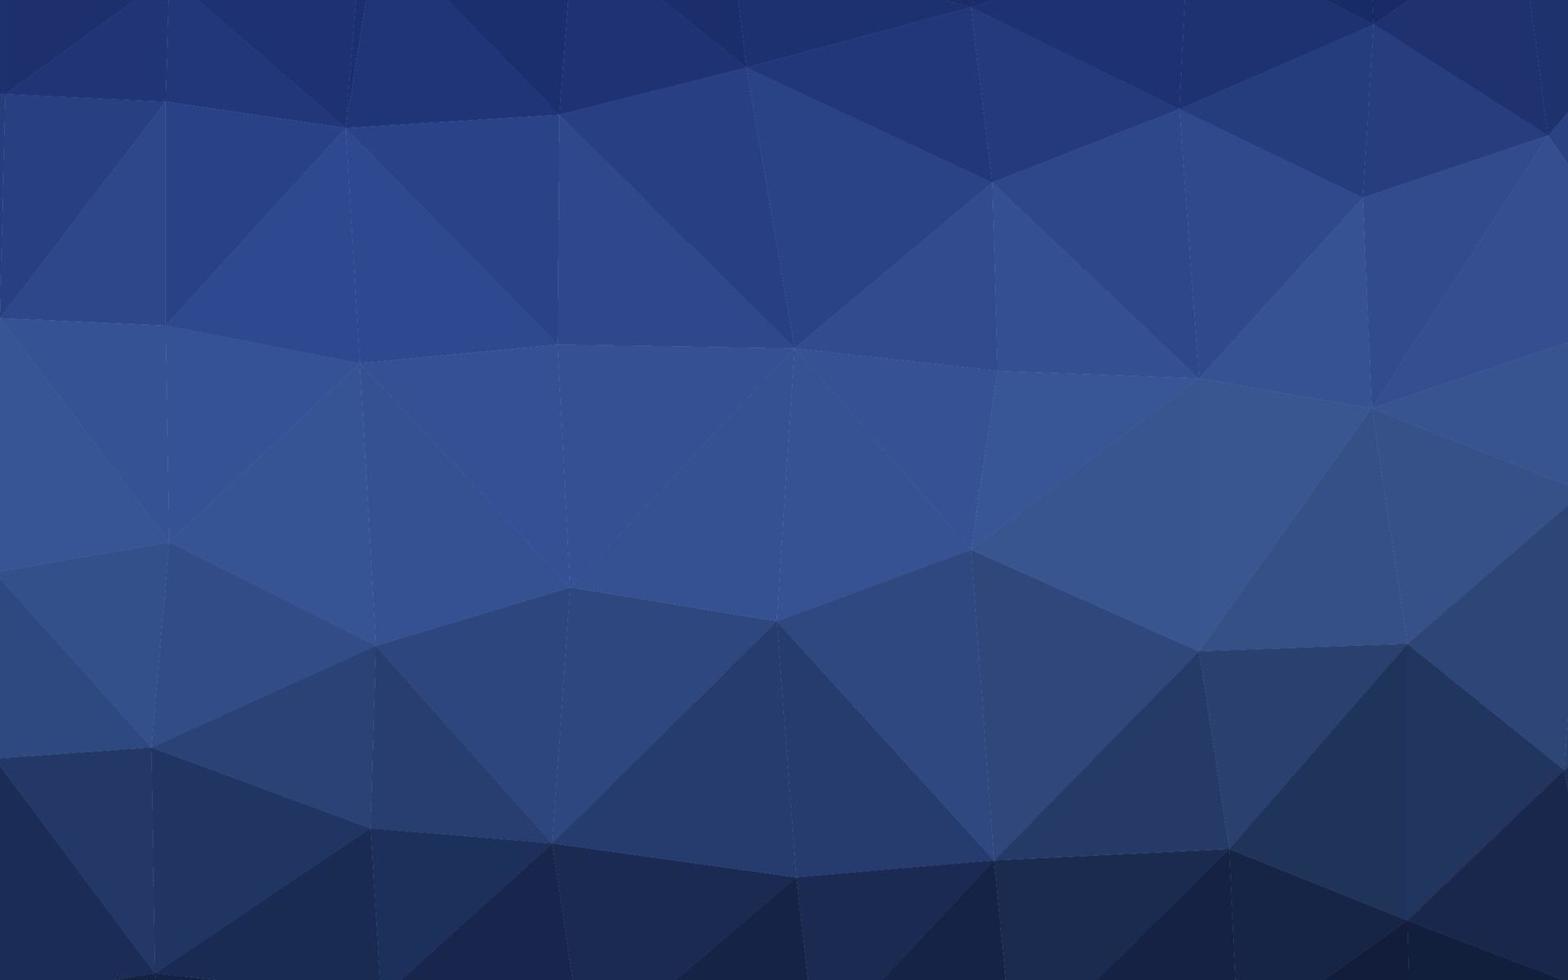 textura poligonal abstrata do vetor azul escuro.